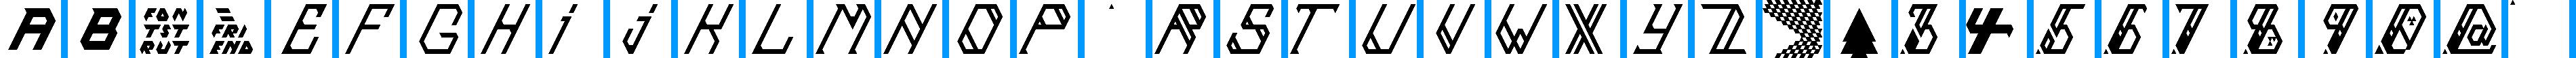 Particip-a-type v.338